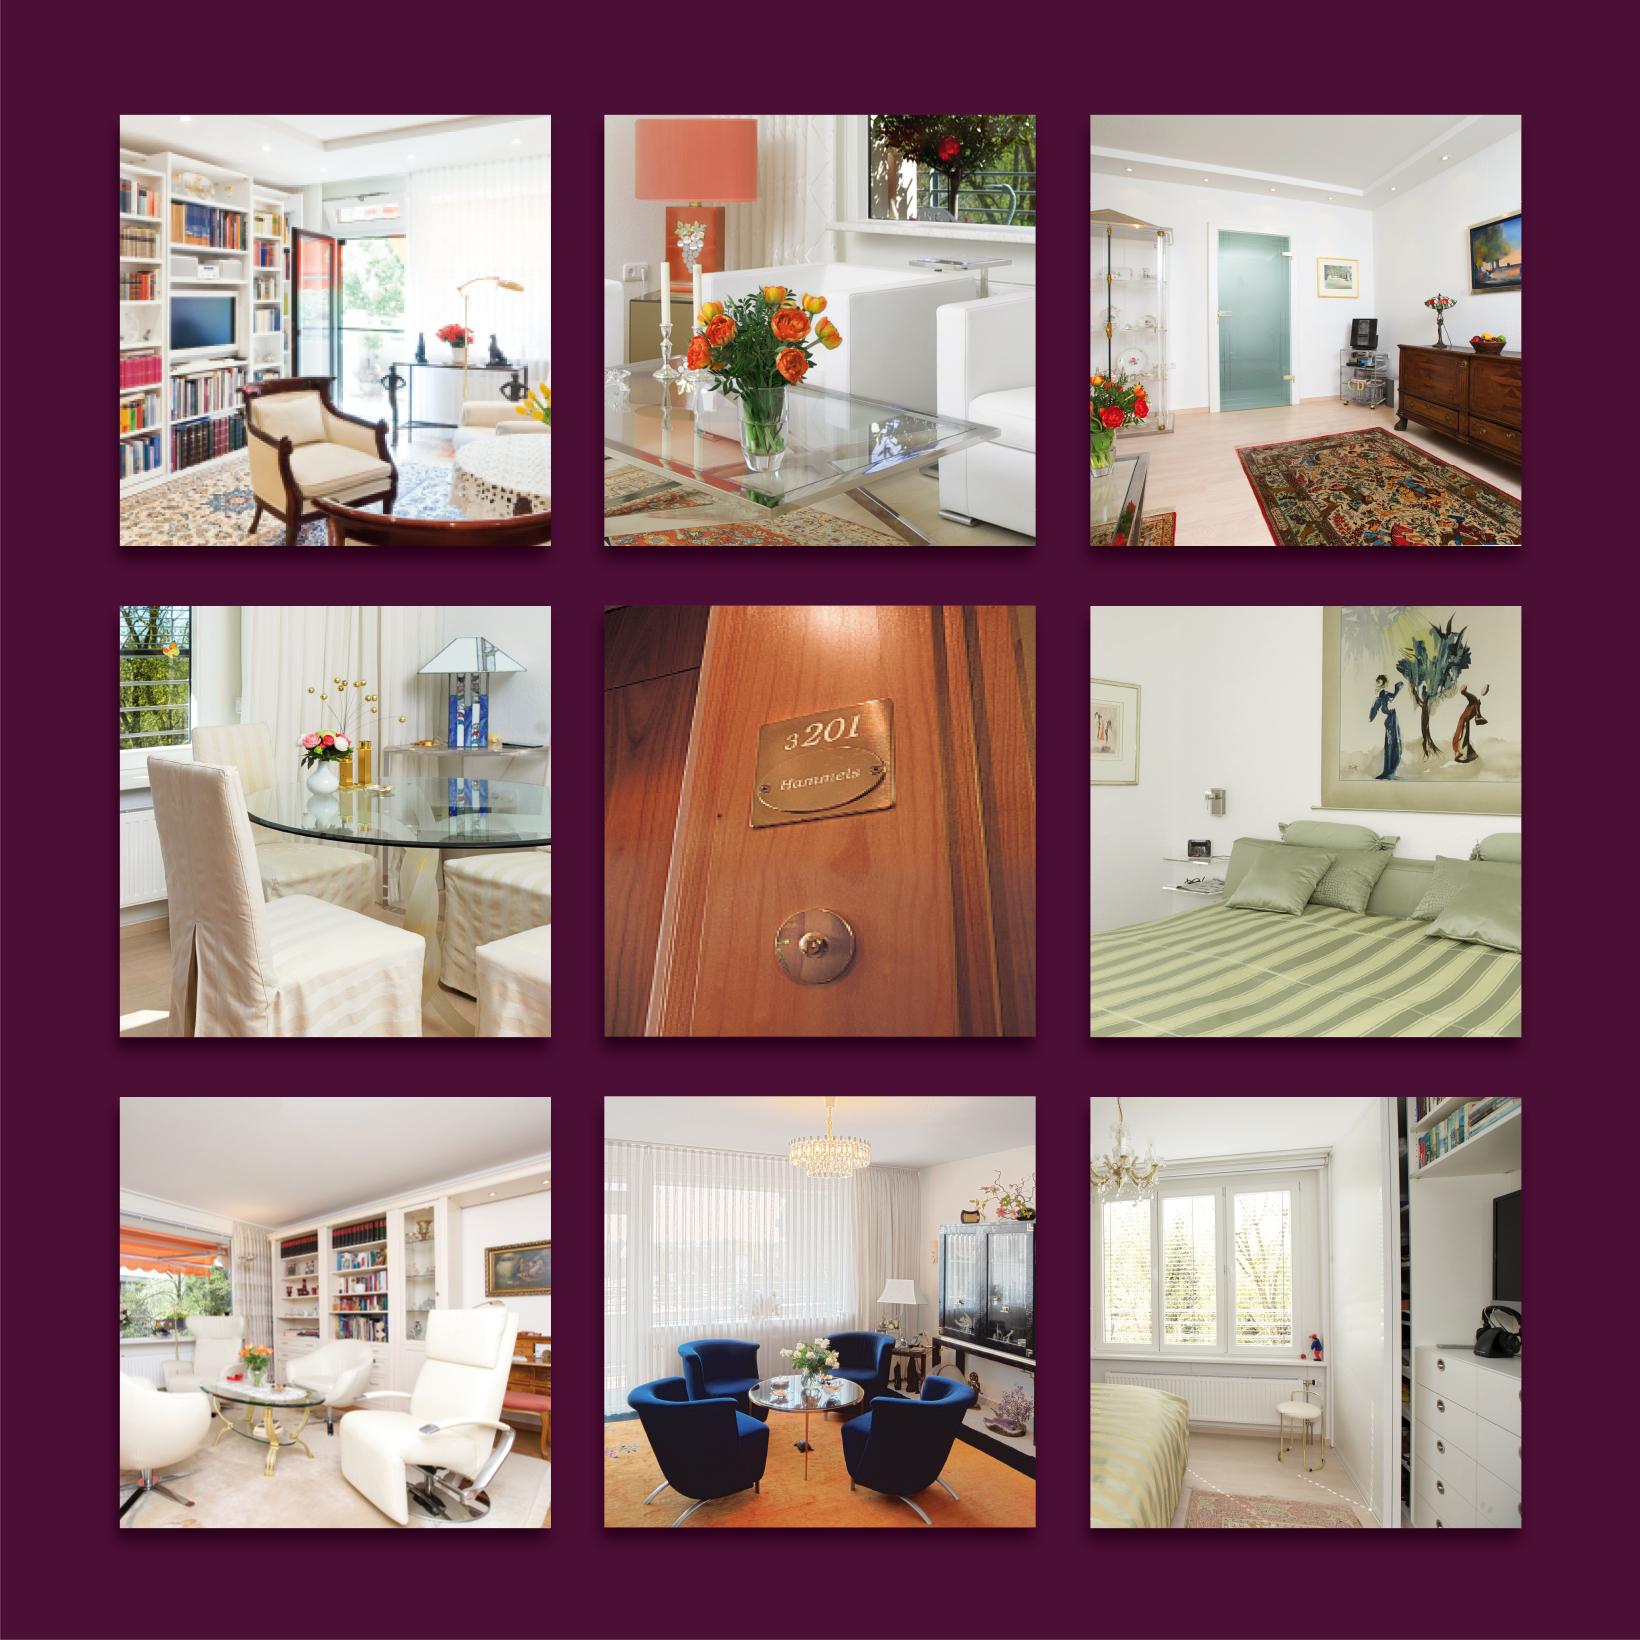 Die Wohnungen Haben Je Nach Größe Einen Geräumigen, Lichtdurchfluteten  Wohnraum, Eine Moderne, Funktionelle Küche, Ein Schlafzimmer Und Ein Bad  Sowie ...